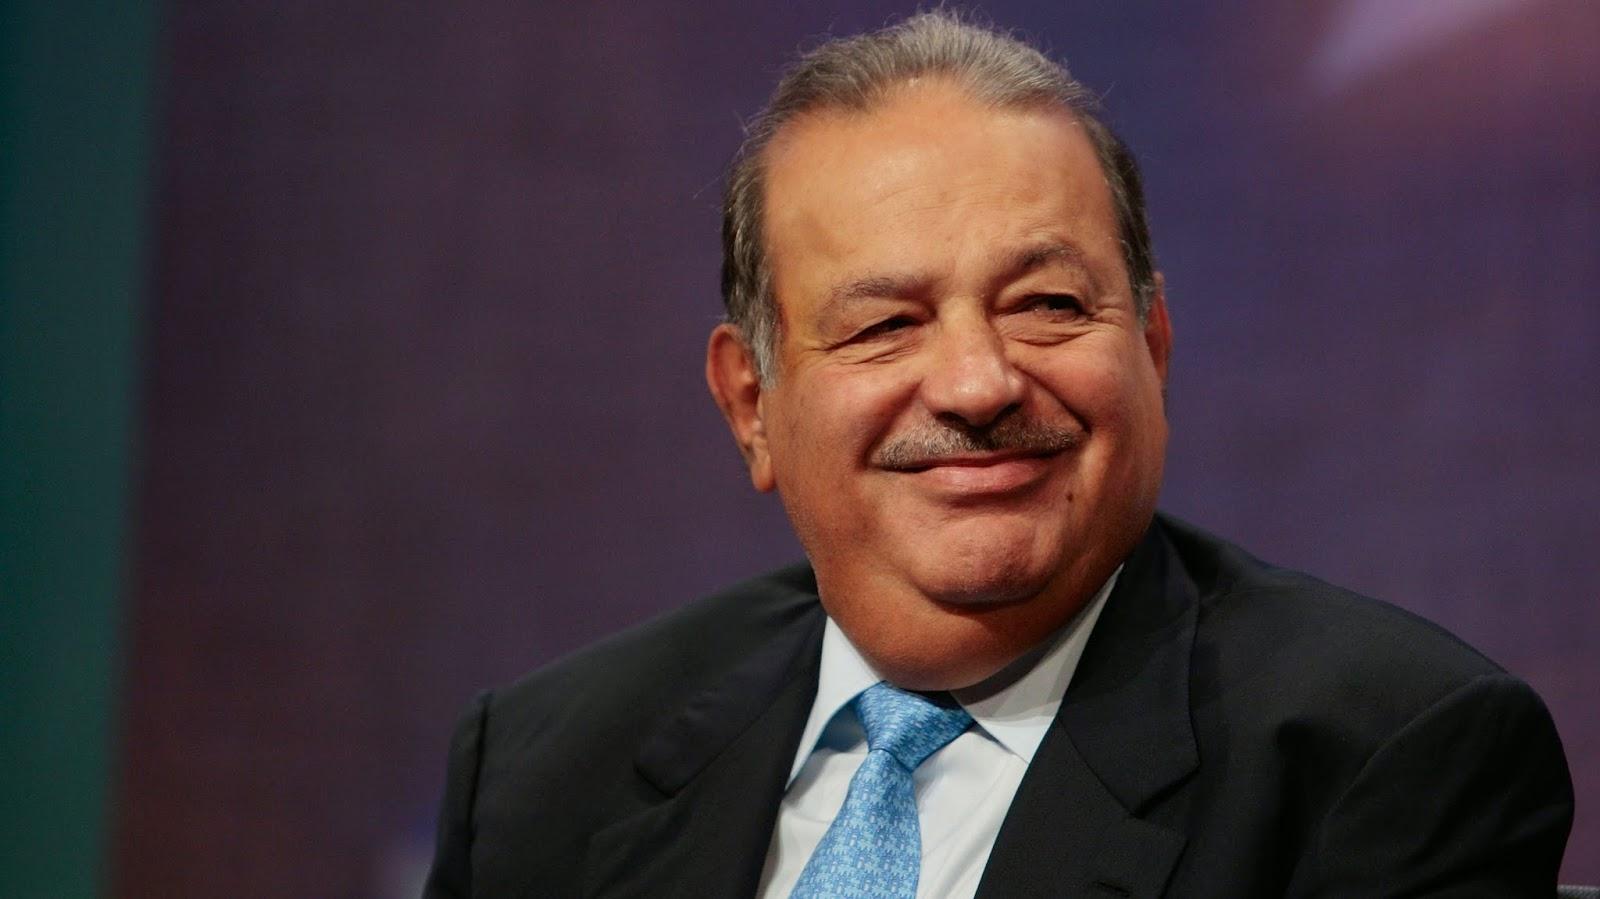 Khối tài sản bạc tỷ của người đàn ông giàu nhất Mexico được sử dụng như thế nào? - 1